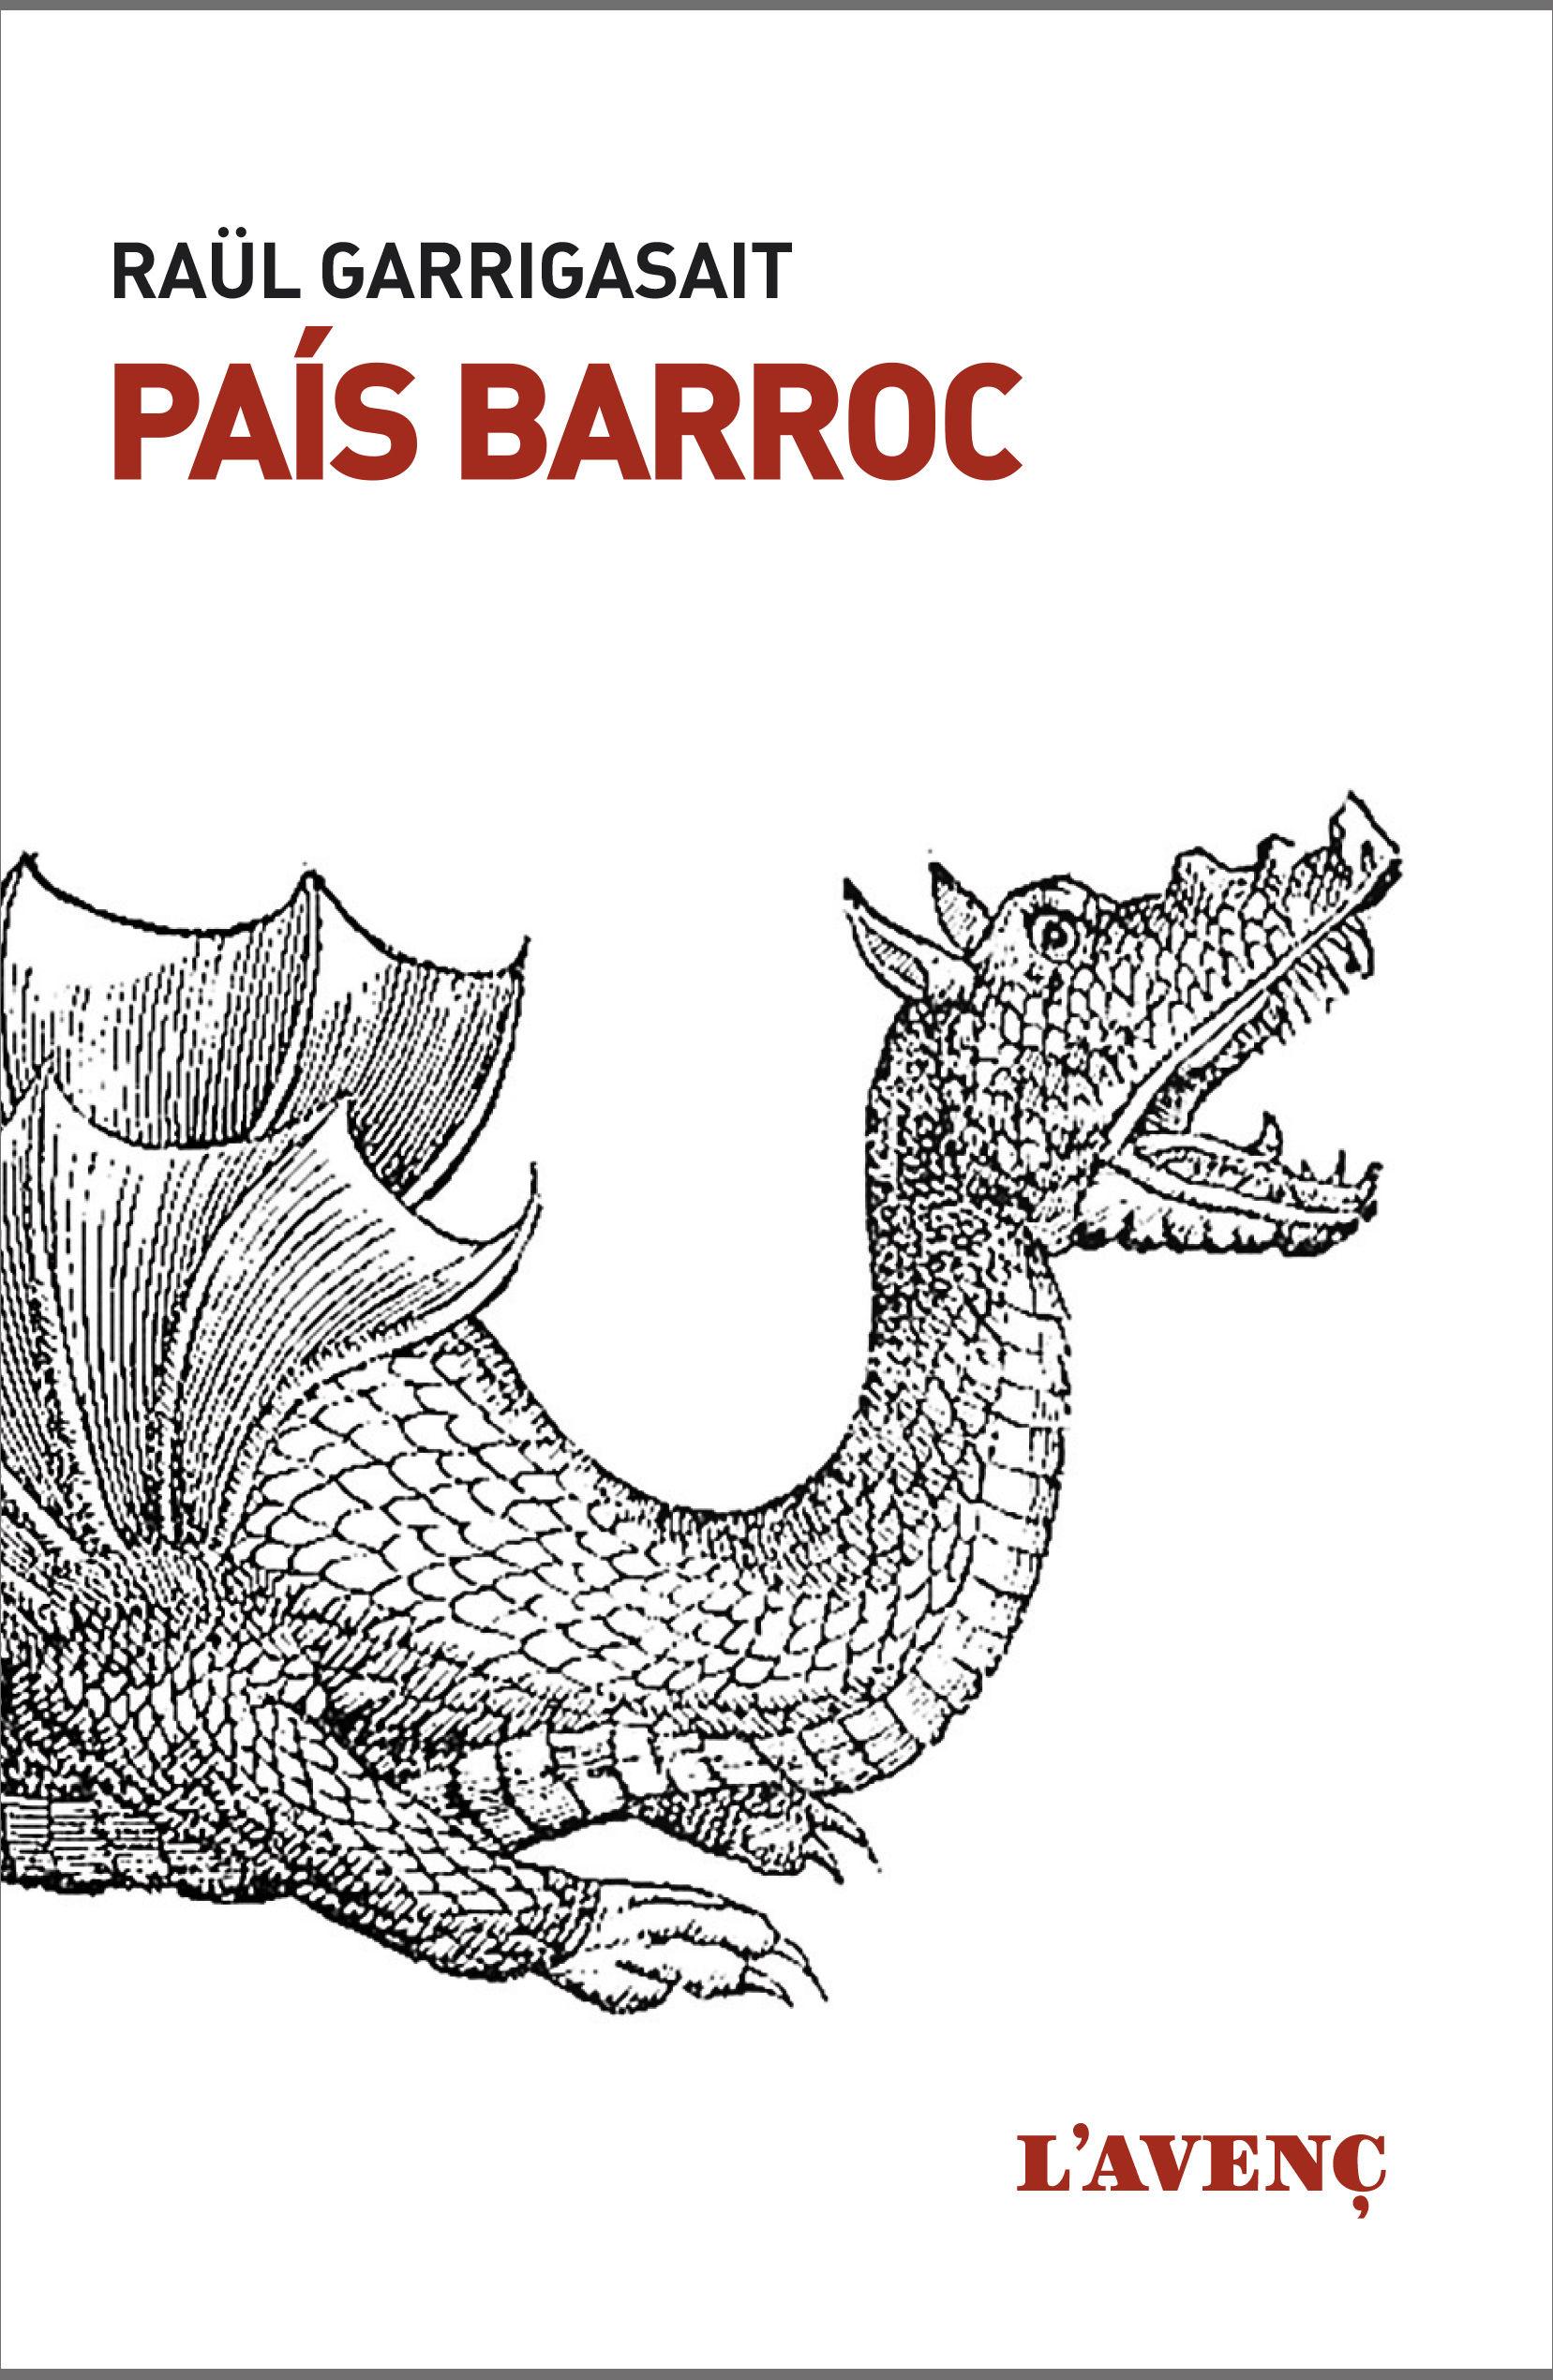 PAIS BARROC